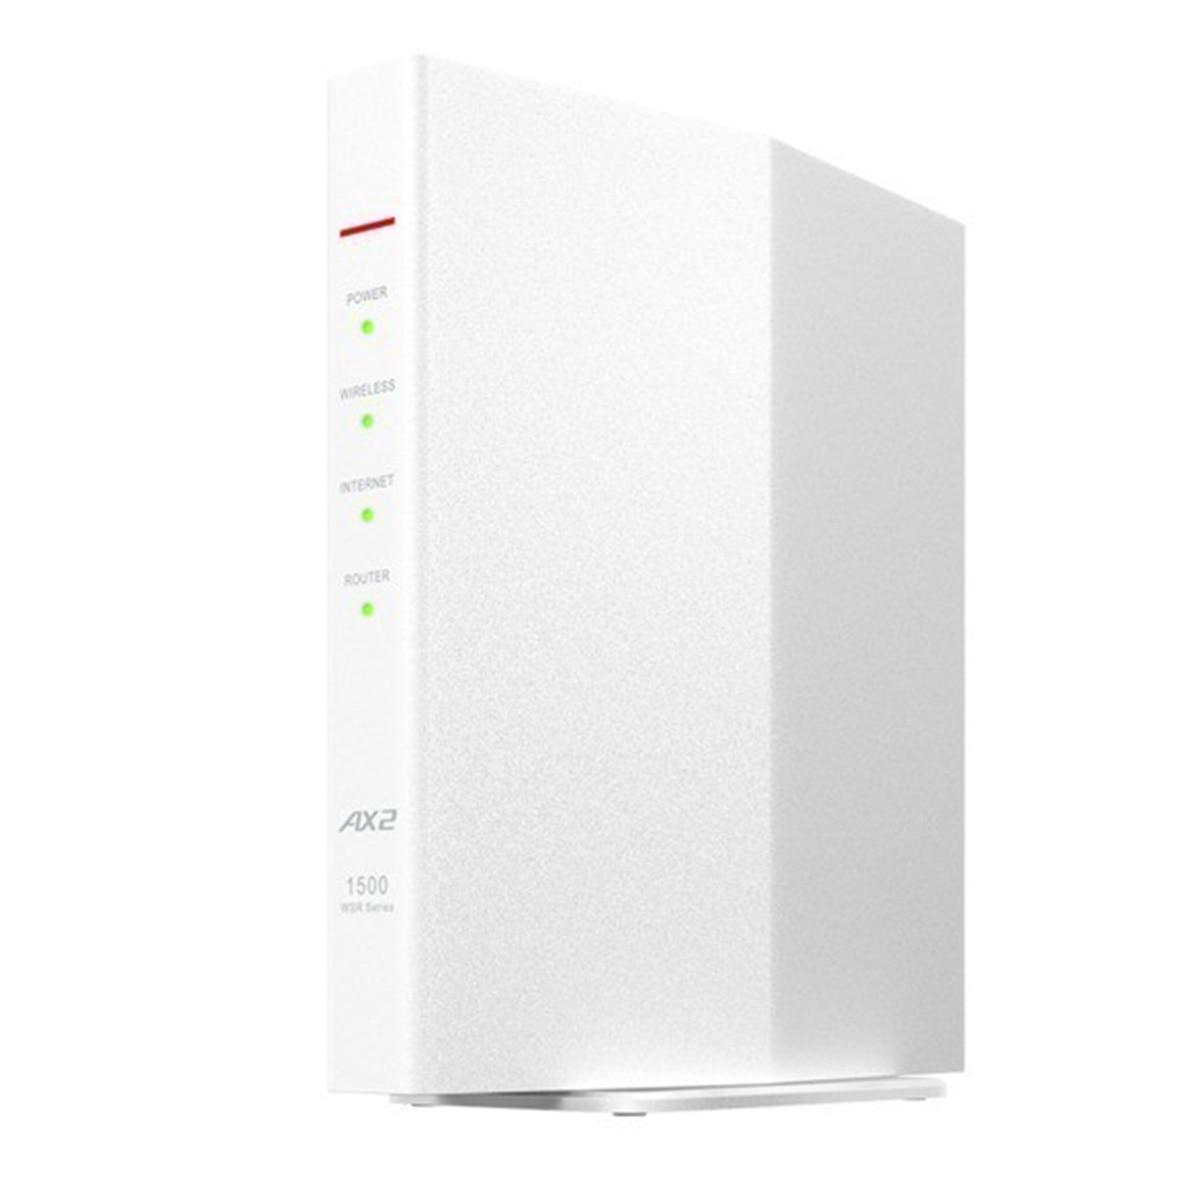 BUFFALO 無線LAN親機11ax/ac/n/a/g/b 1201+300Mbps WSR-1500AX2S/DWH